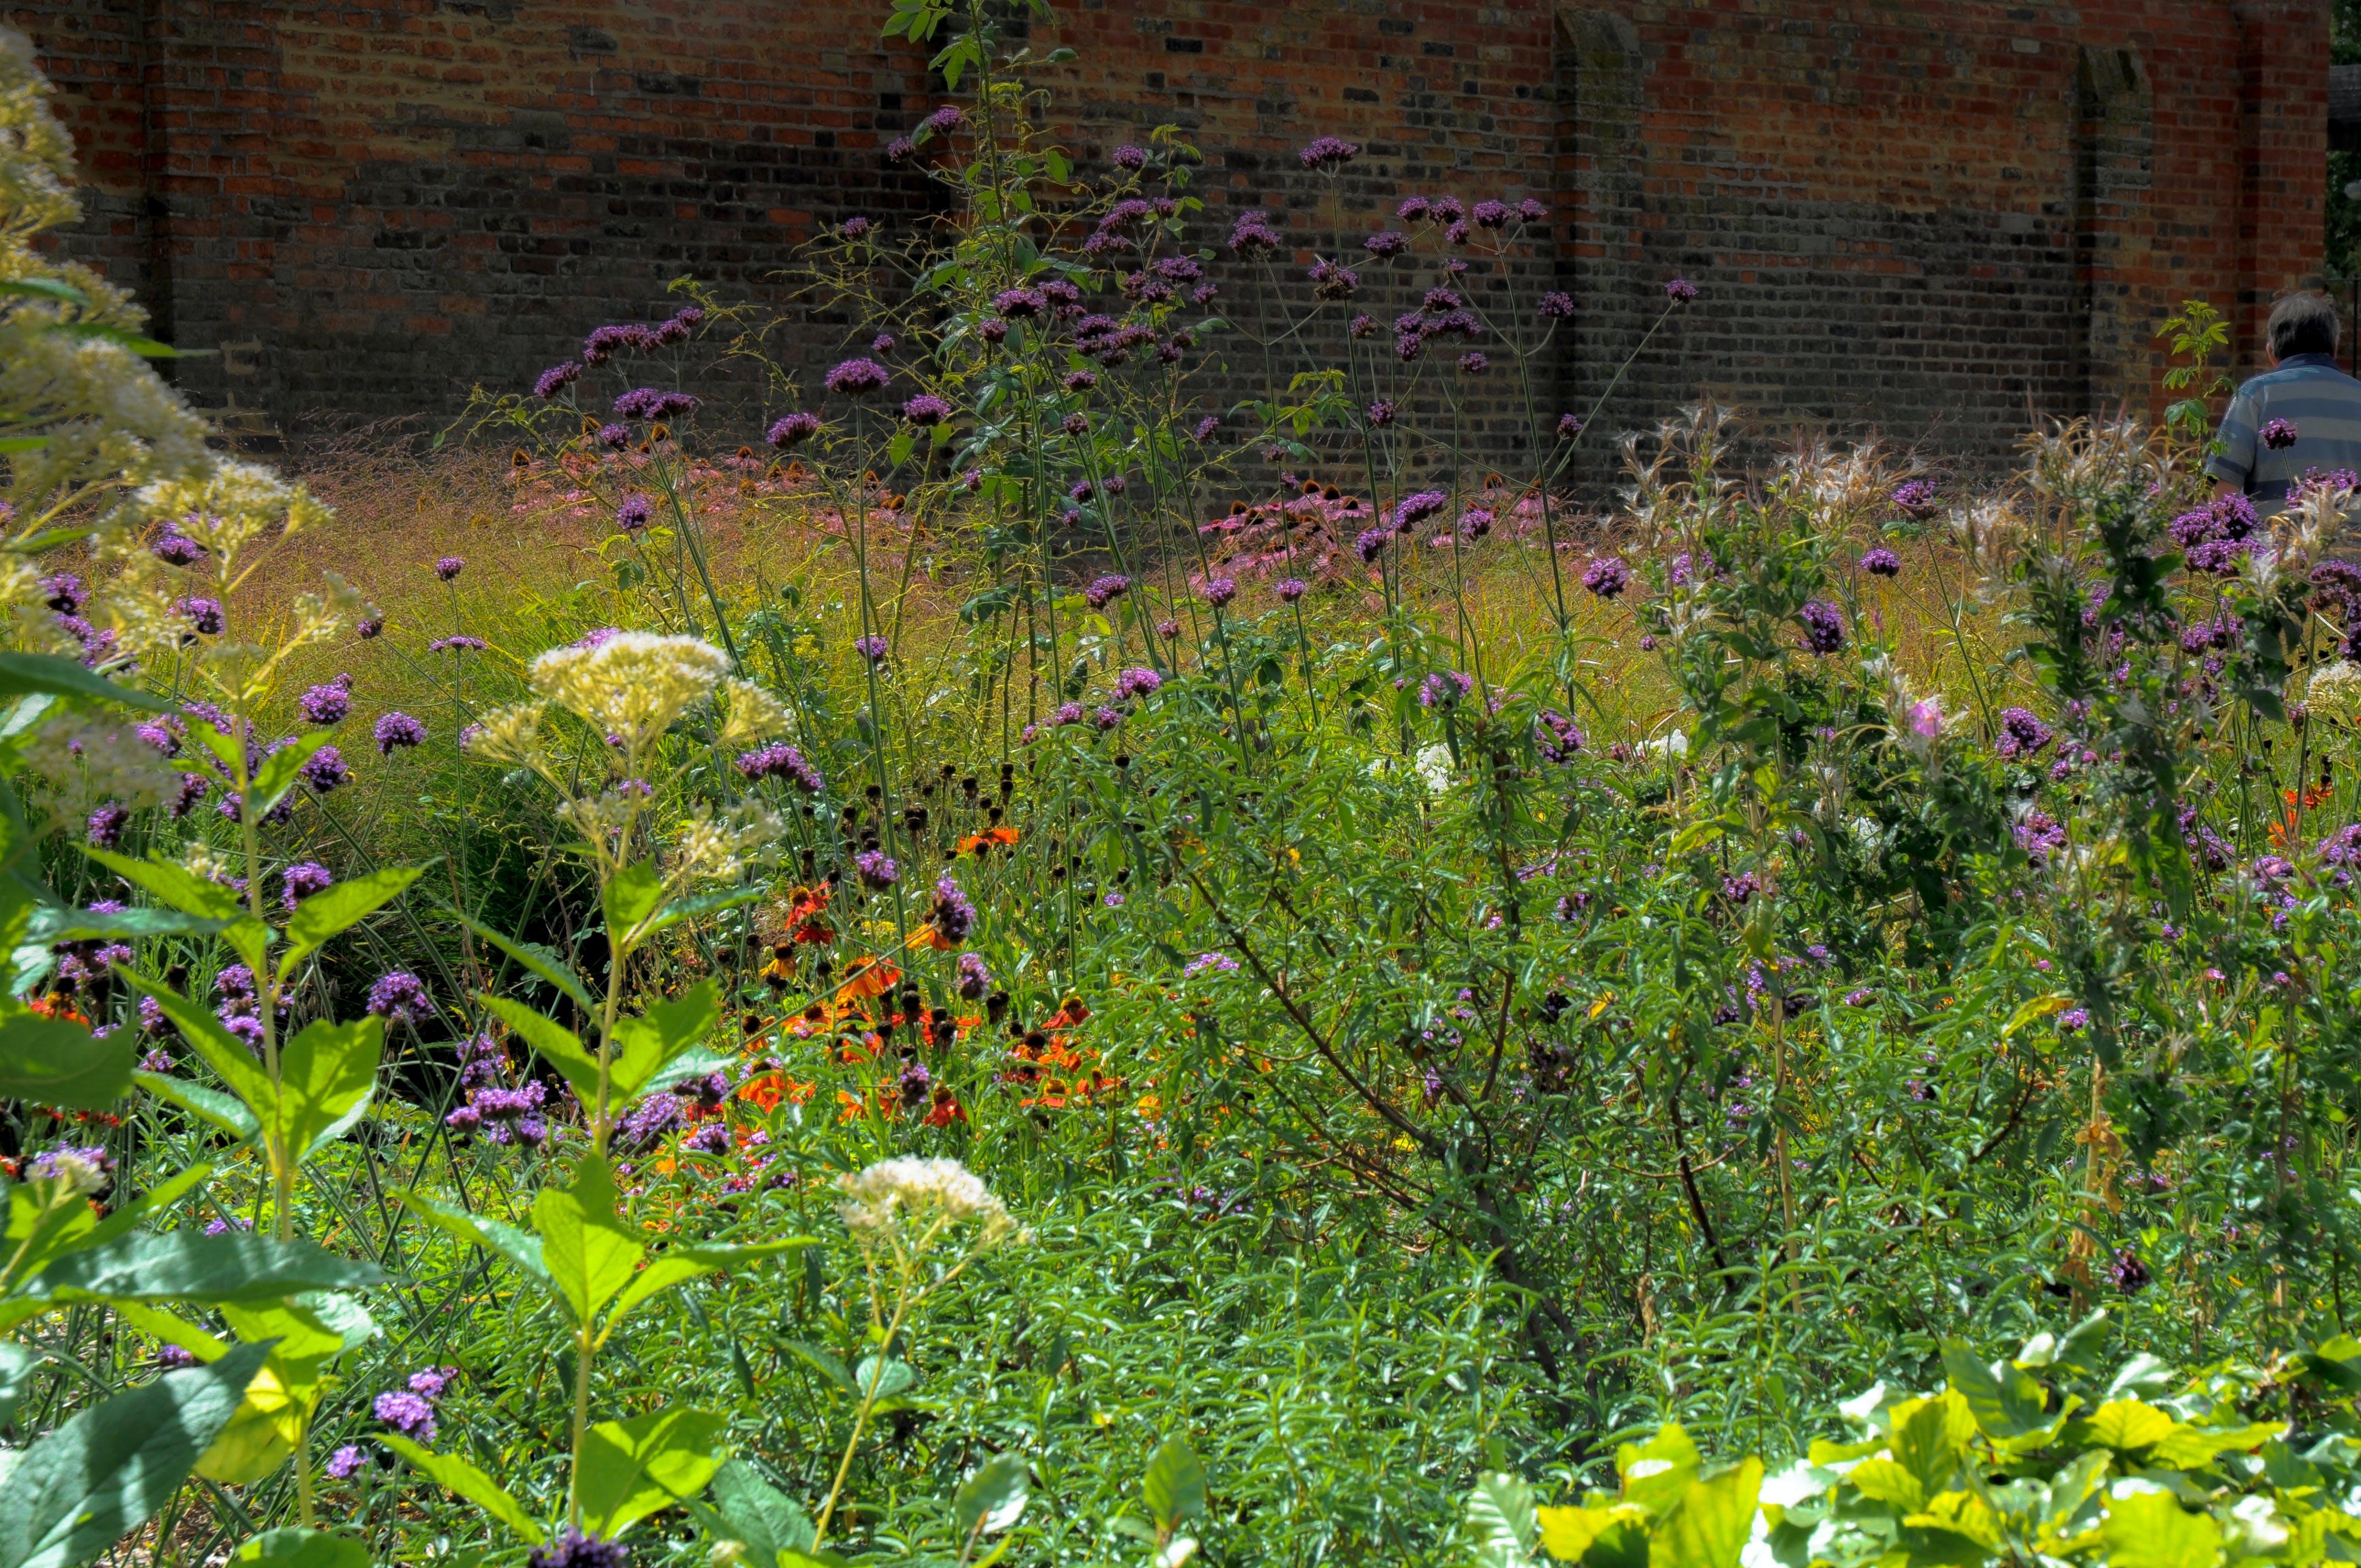 Lad naturen gå sin gang i din have. Insekter, planter og CO2-regnskab vil takke dig for det. Foto: Clive Varley CCBY